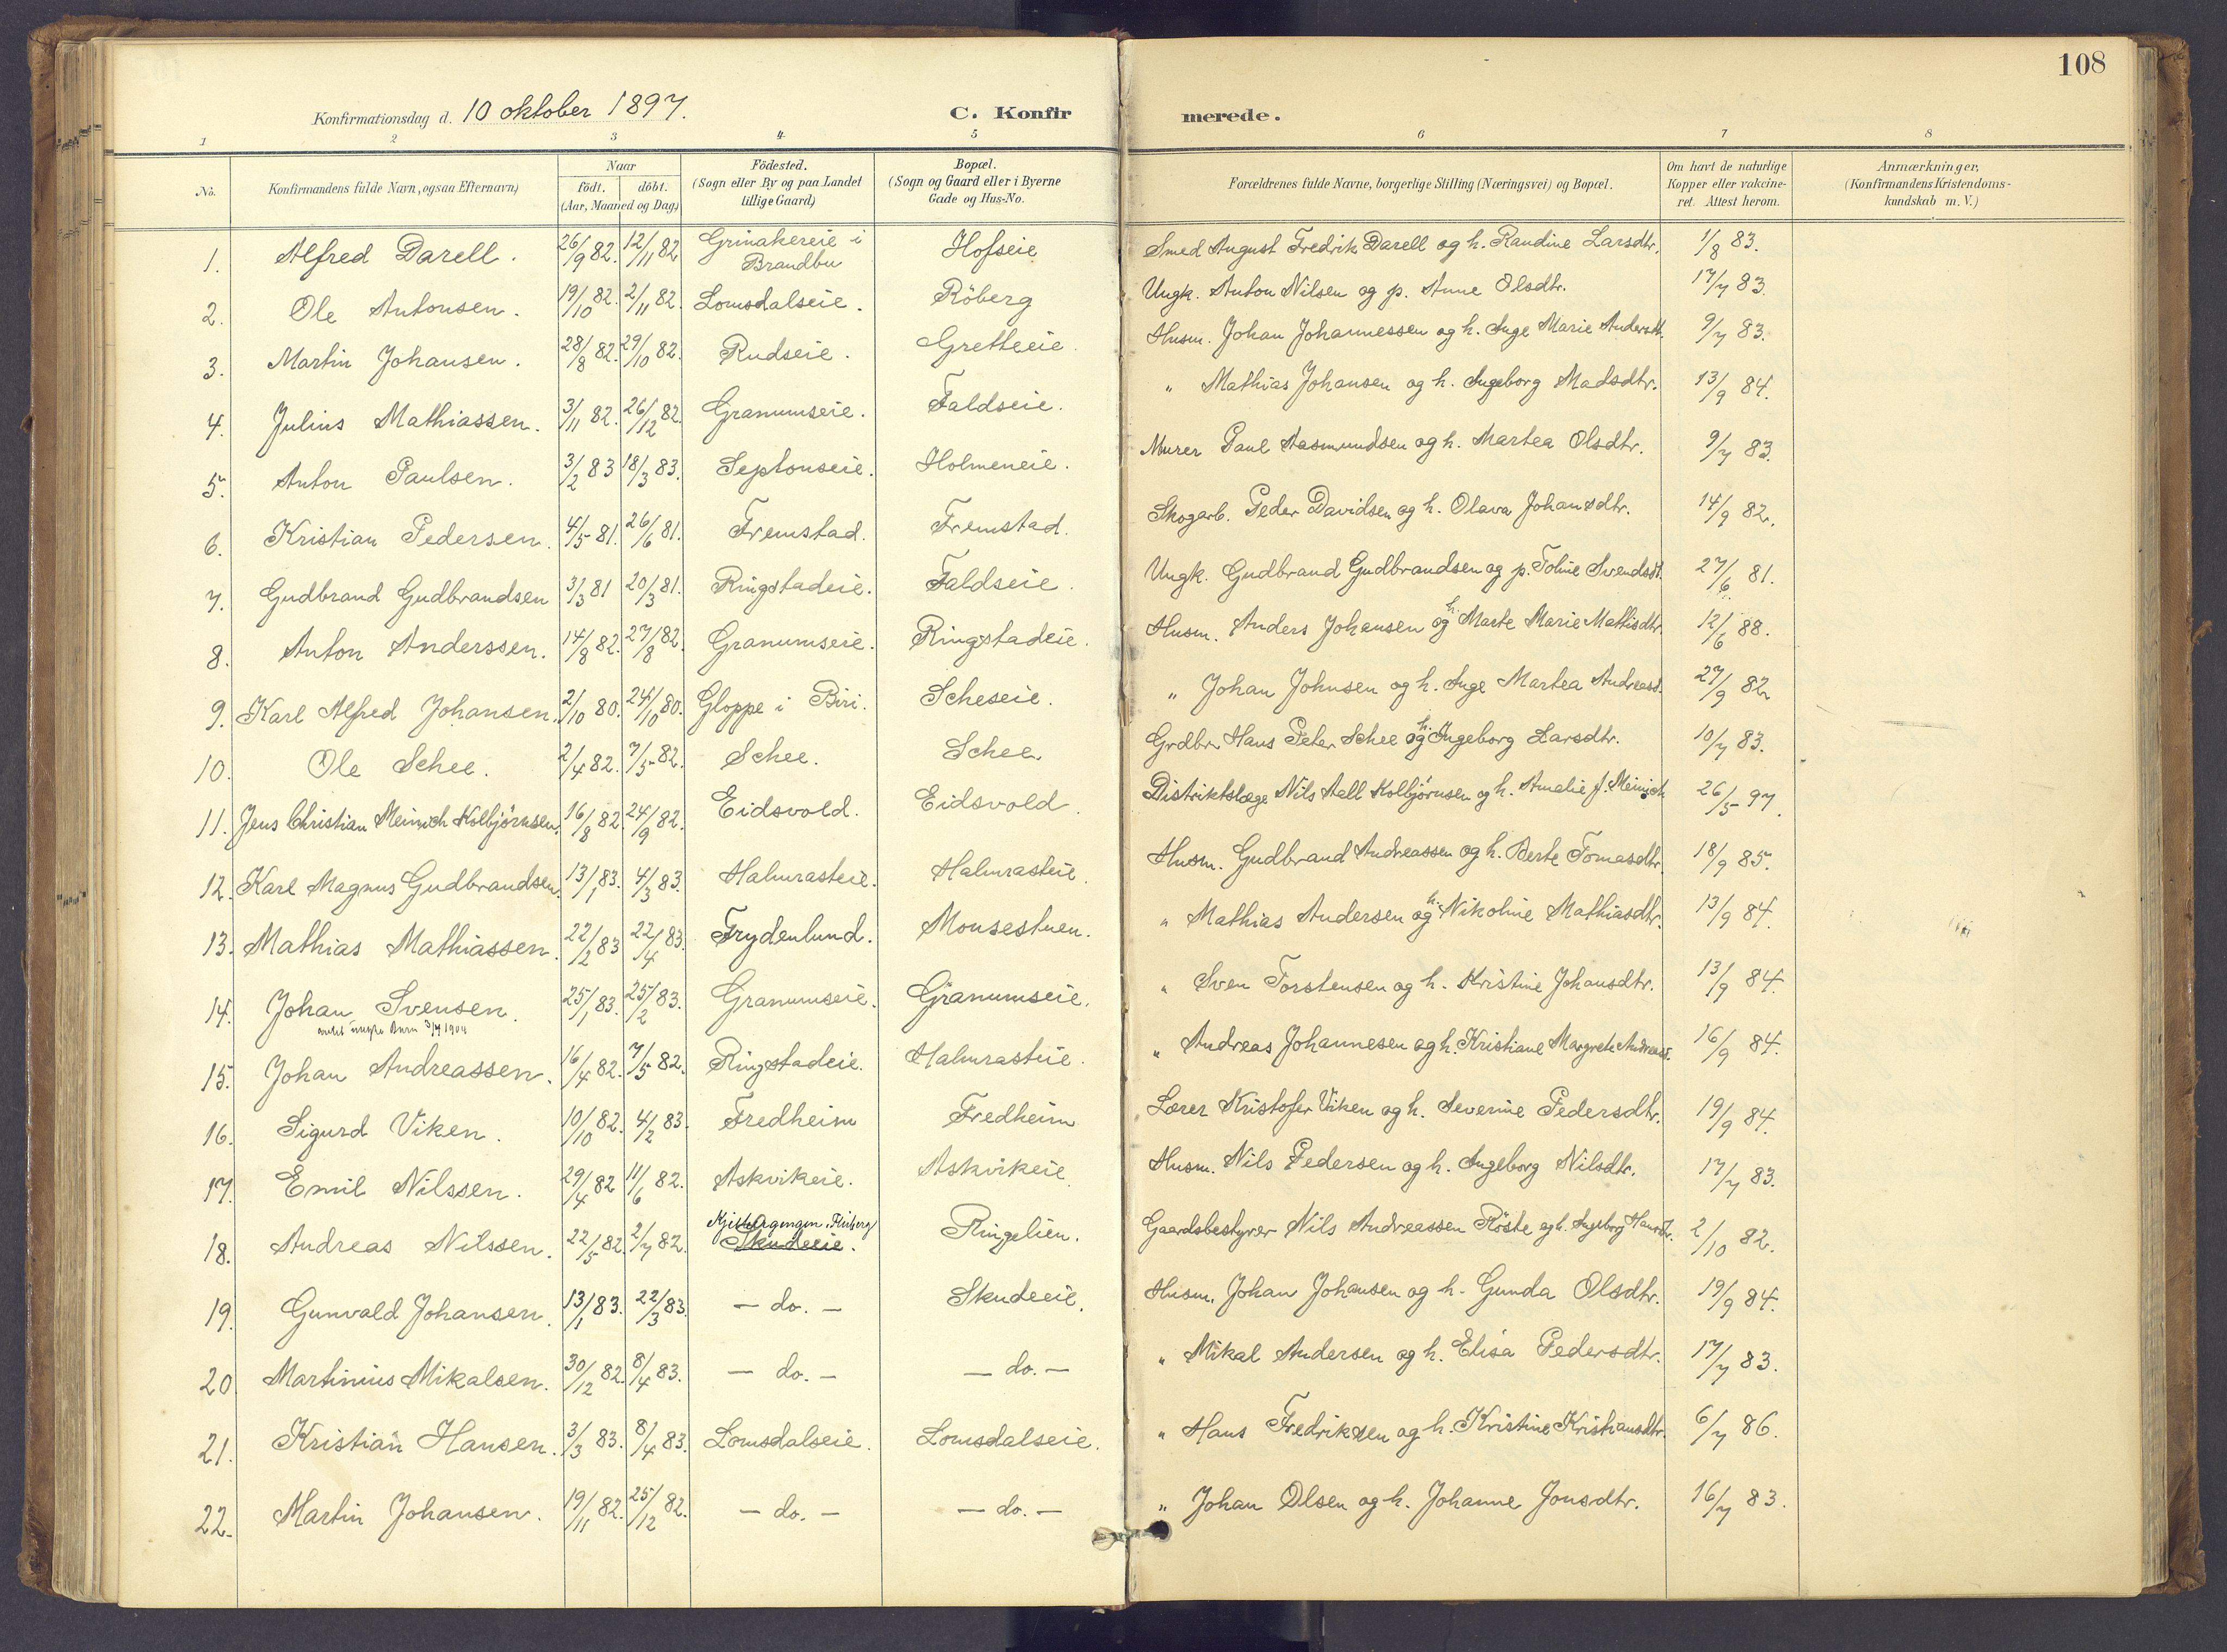 SAH, Søndre Land prestekontor, K/L0006: Ministerialbok nr. 6, 1895-1904, s. 108